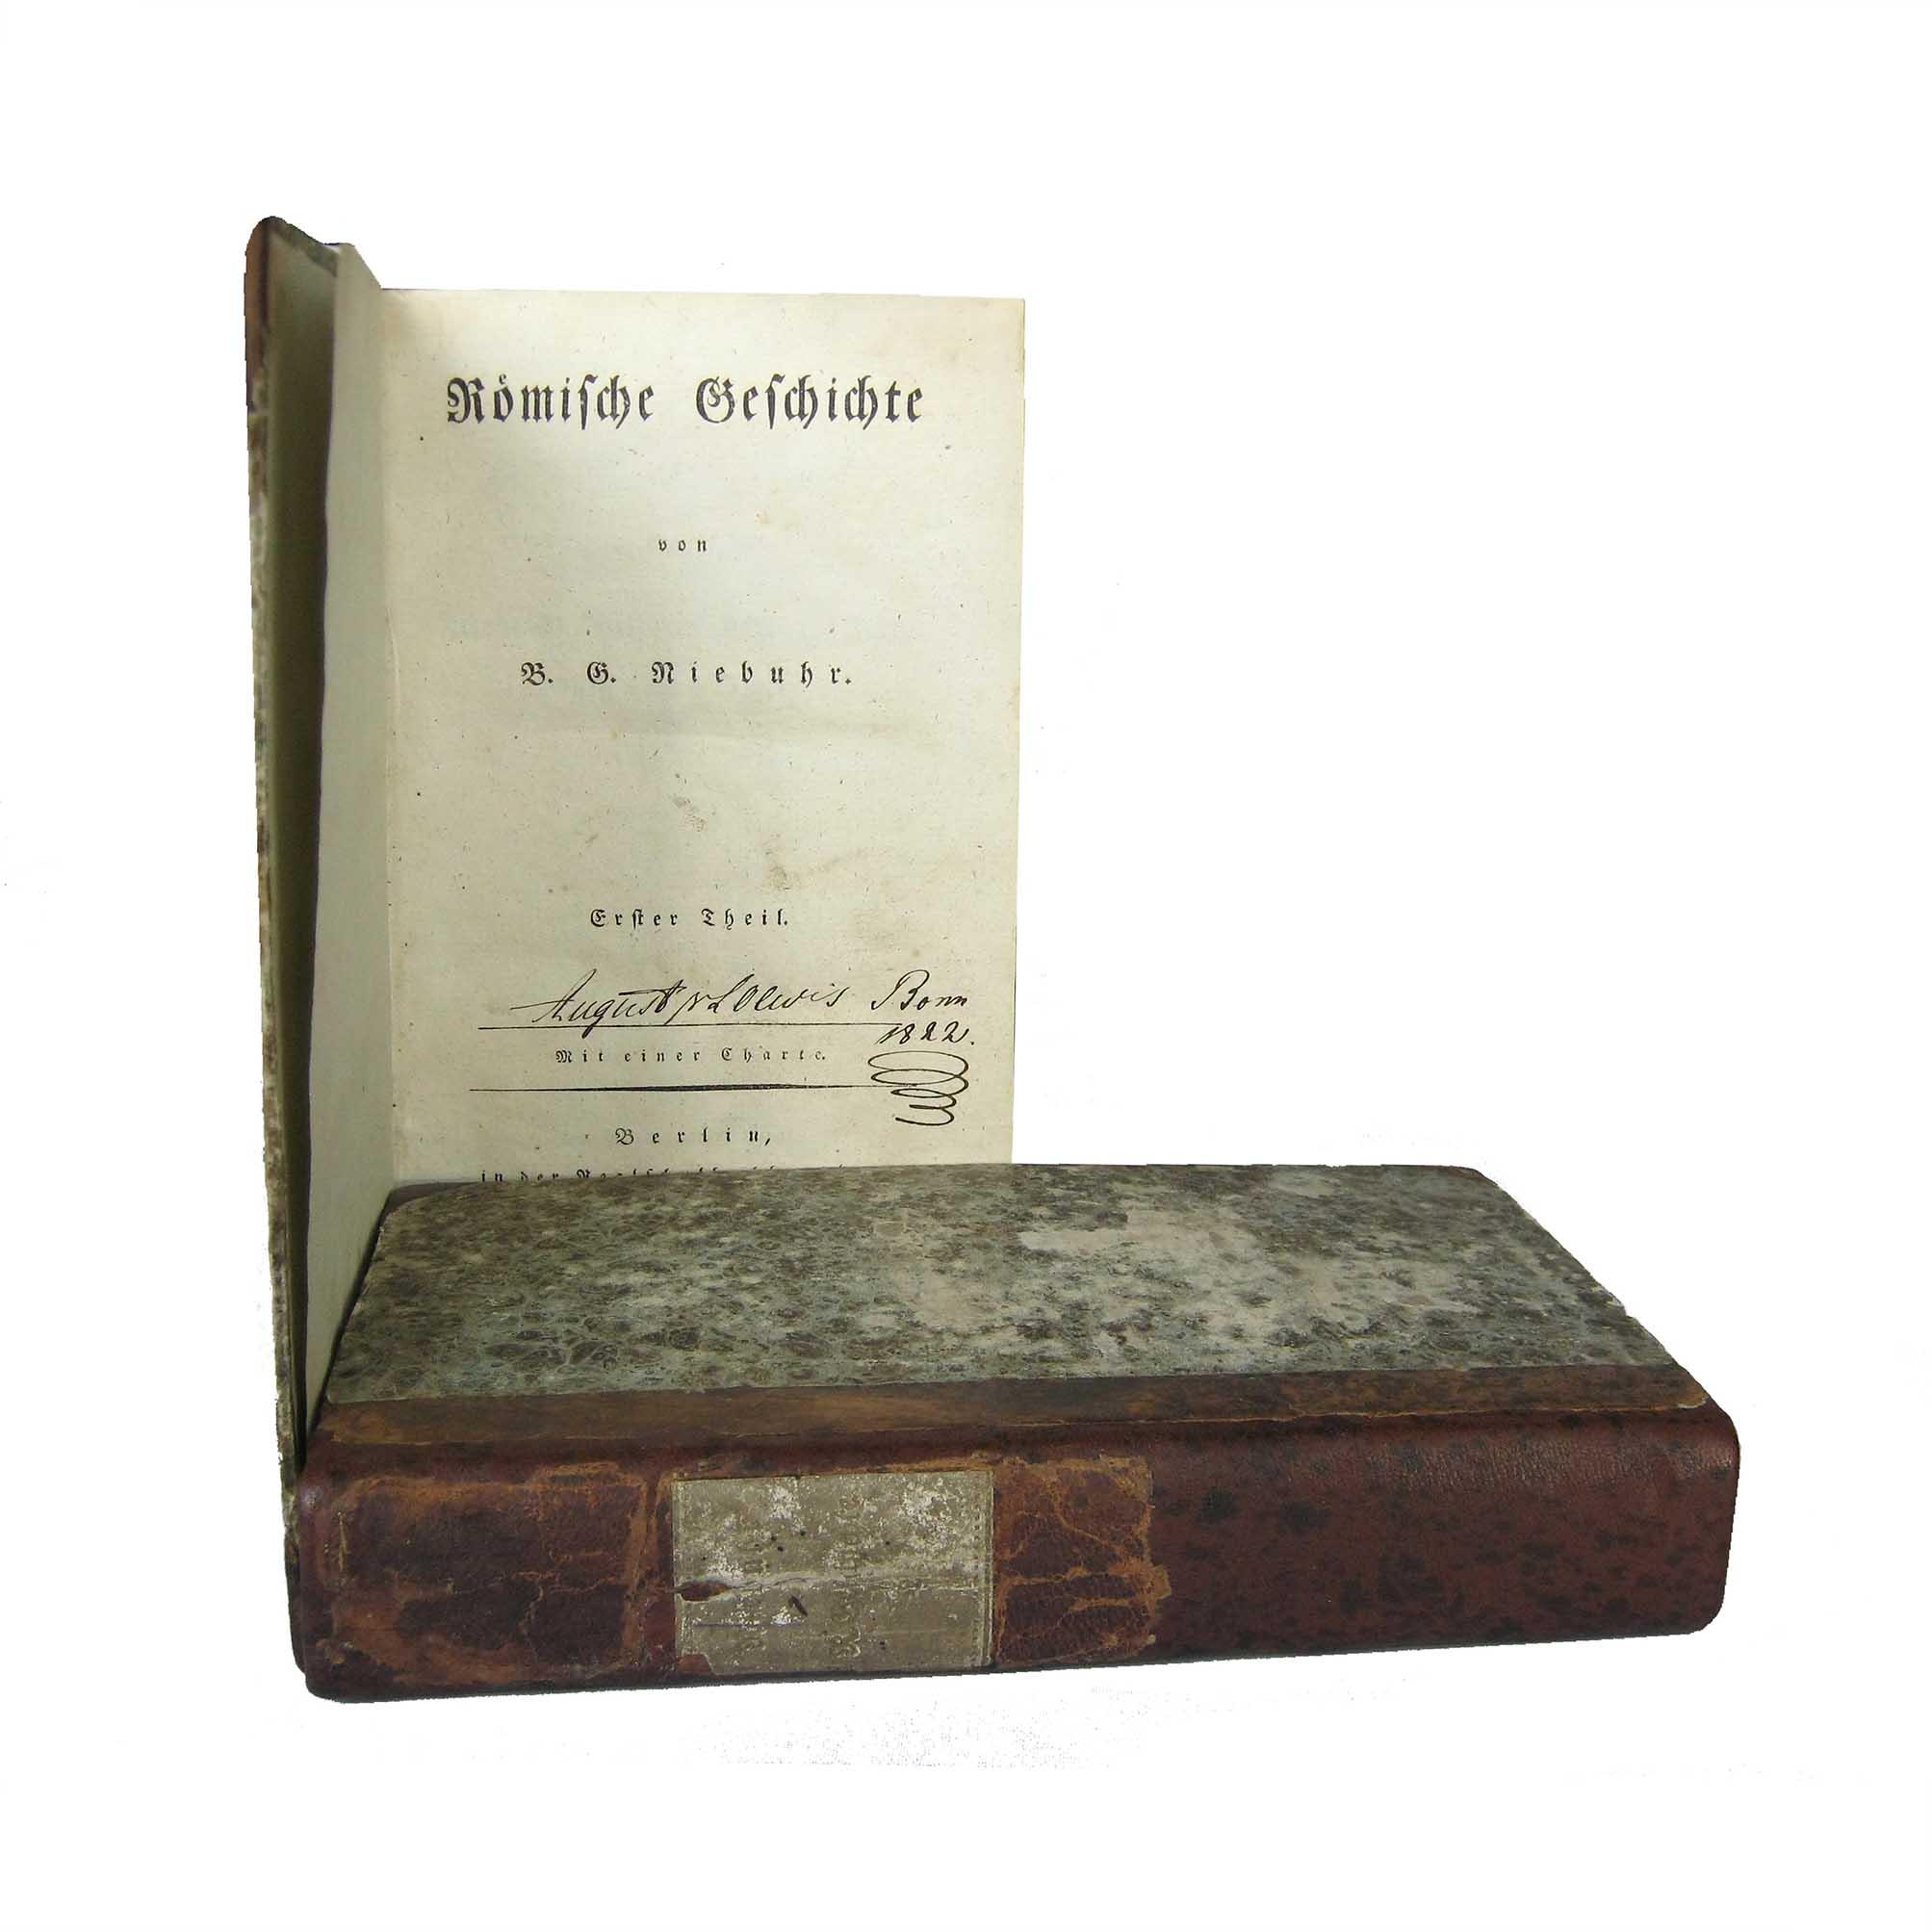 5544-Niebuhr-Roemische-Geschichte-1811-1812-Loewis-Titel-frei-N.jpg